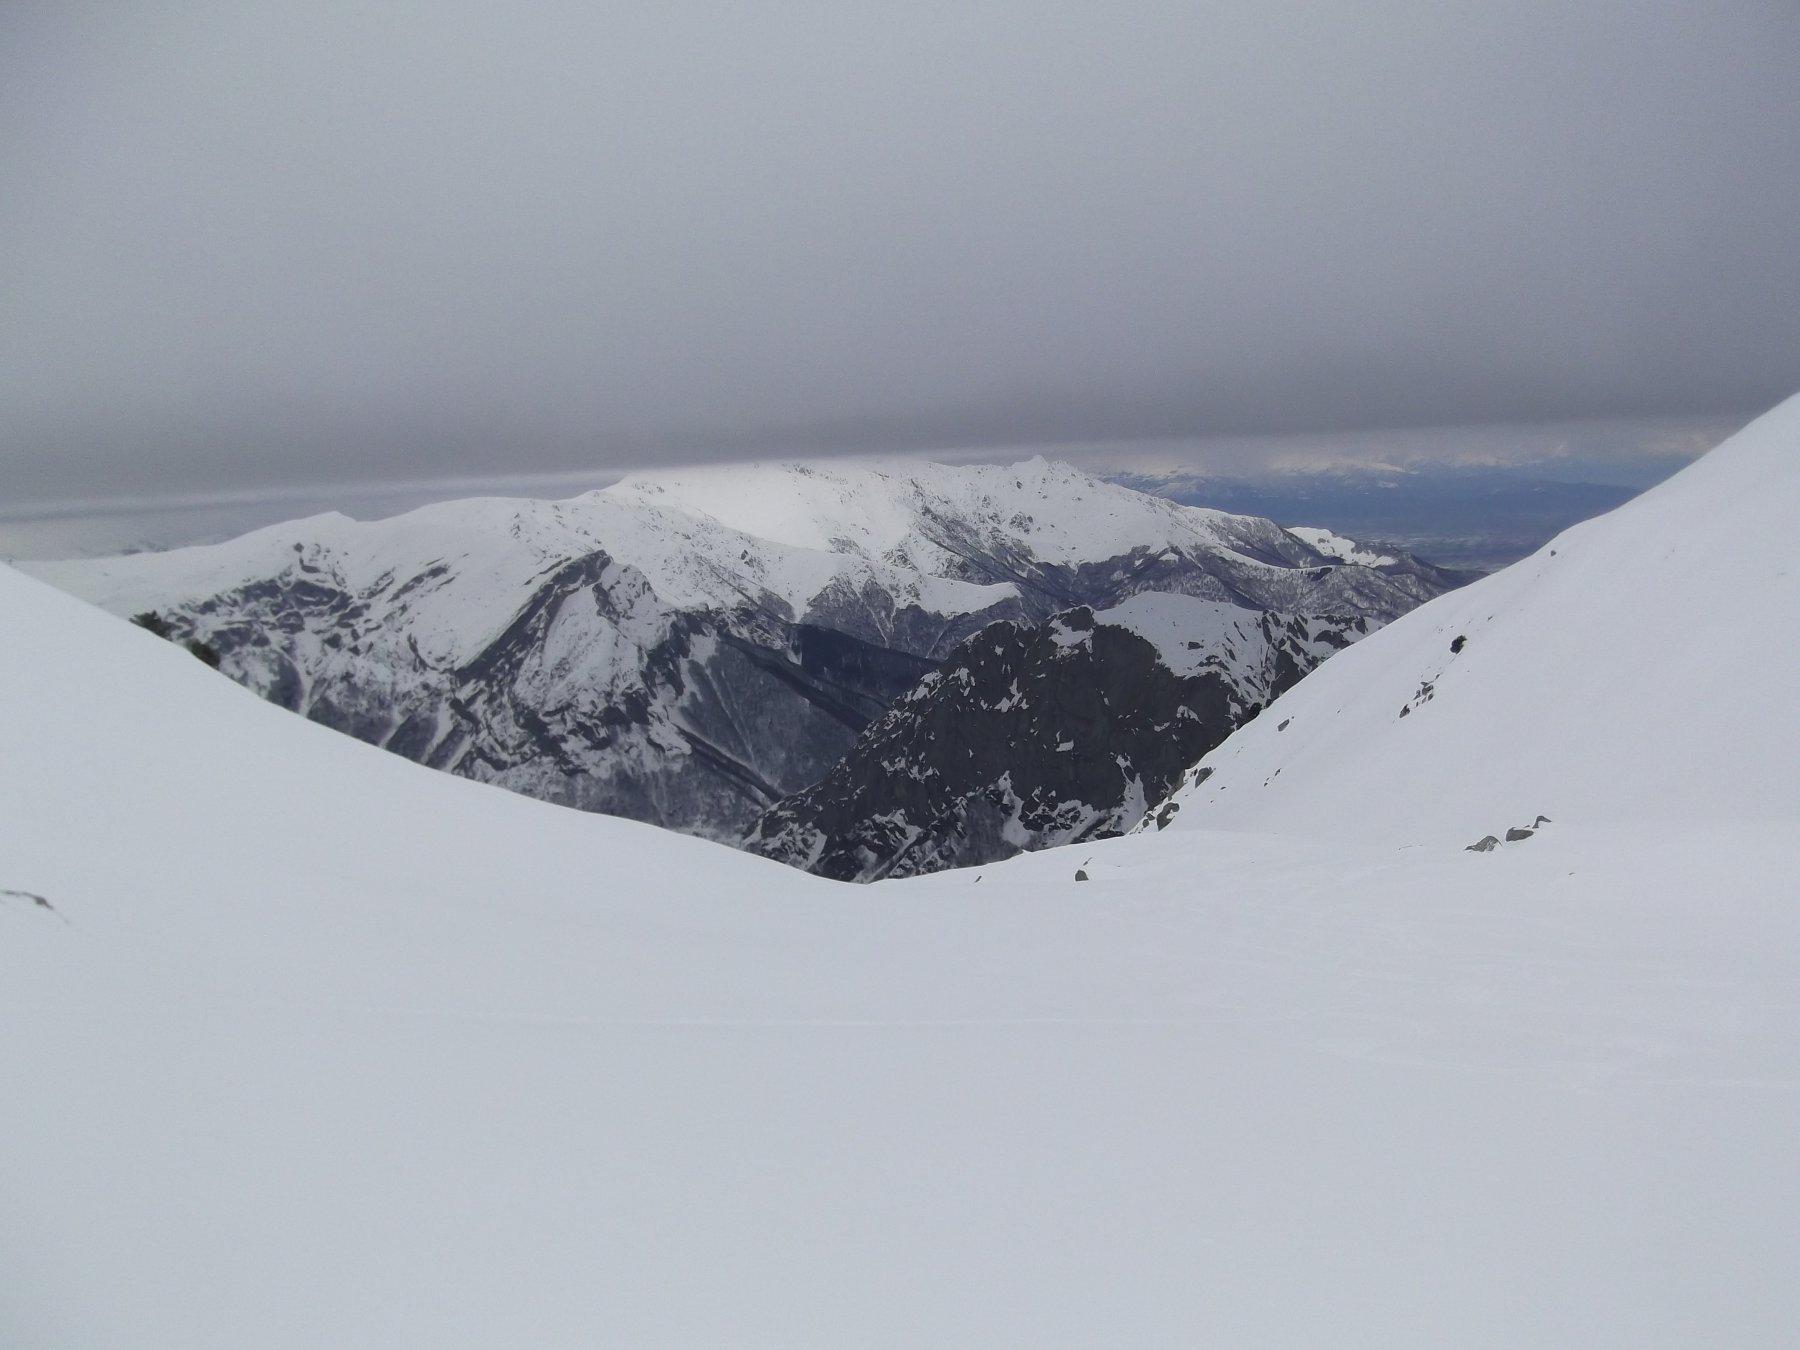 La Bisalta dalla parte alta del vallone.